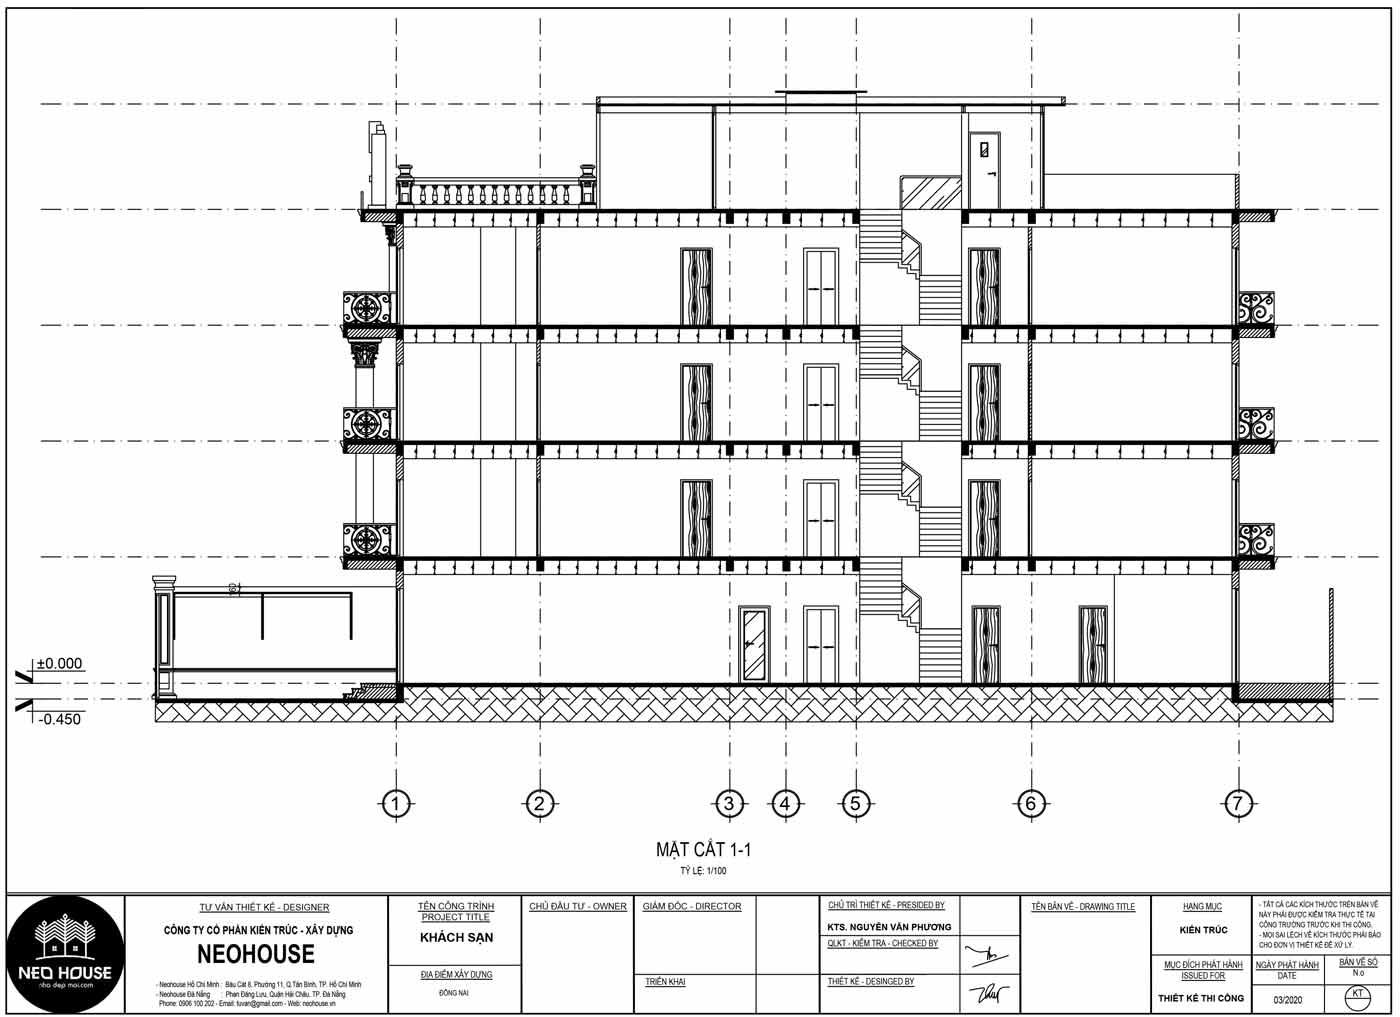 Mặt cắt 1-1 thiết kế khách sạn kiểu pháp 5 tầng